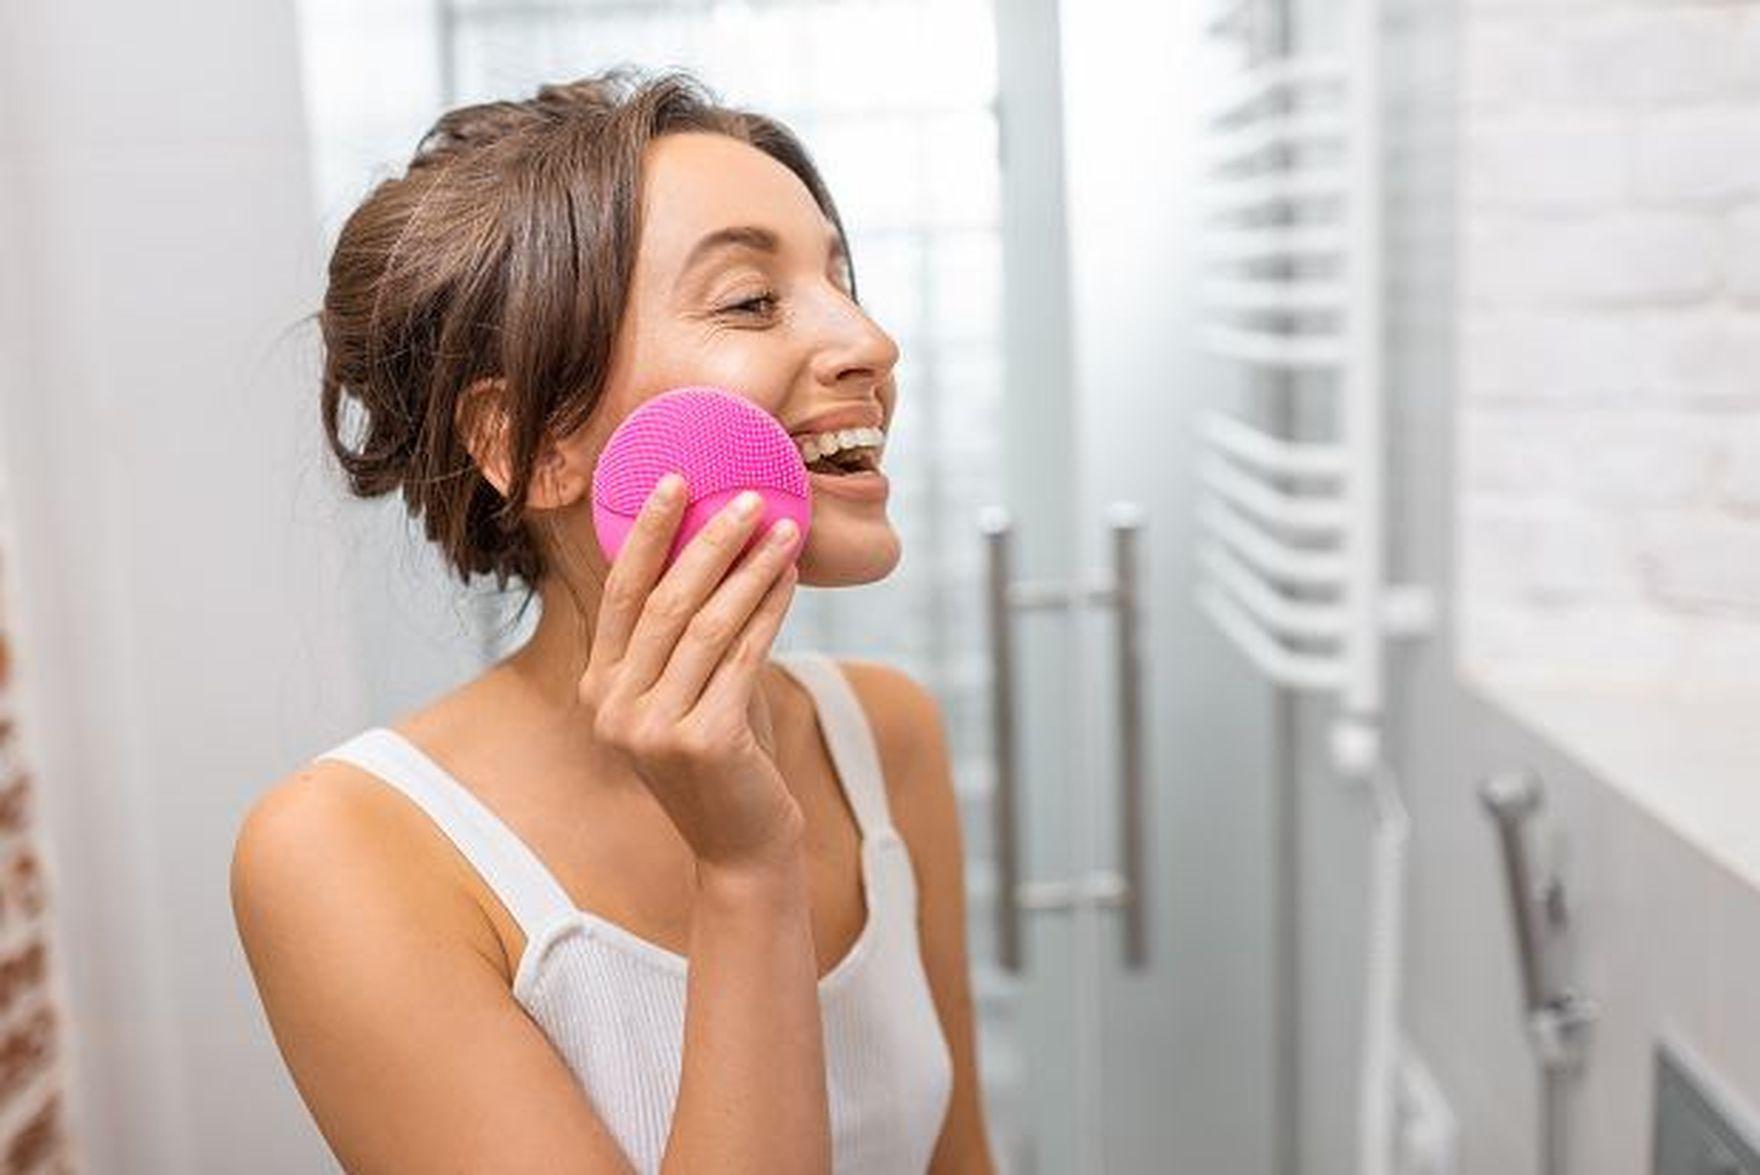 Szczoteczka soniczna do twarzy - ten gadżet nie tylko oczyszcza, ale także redukuje niedoskonałości i hamuje proces starzenia!